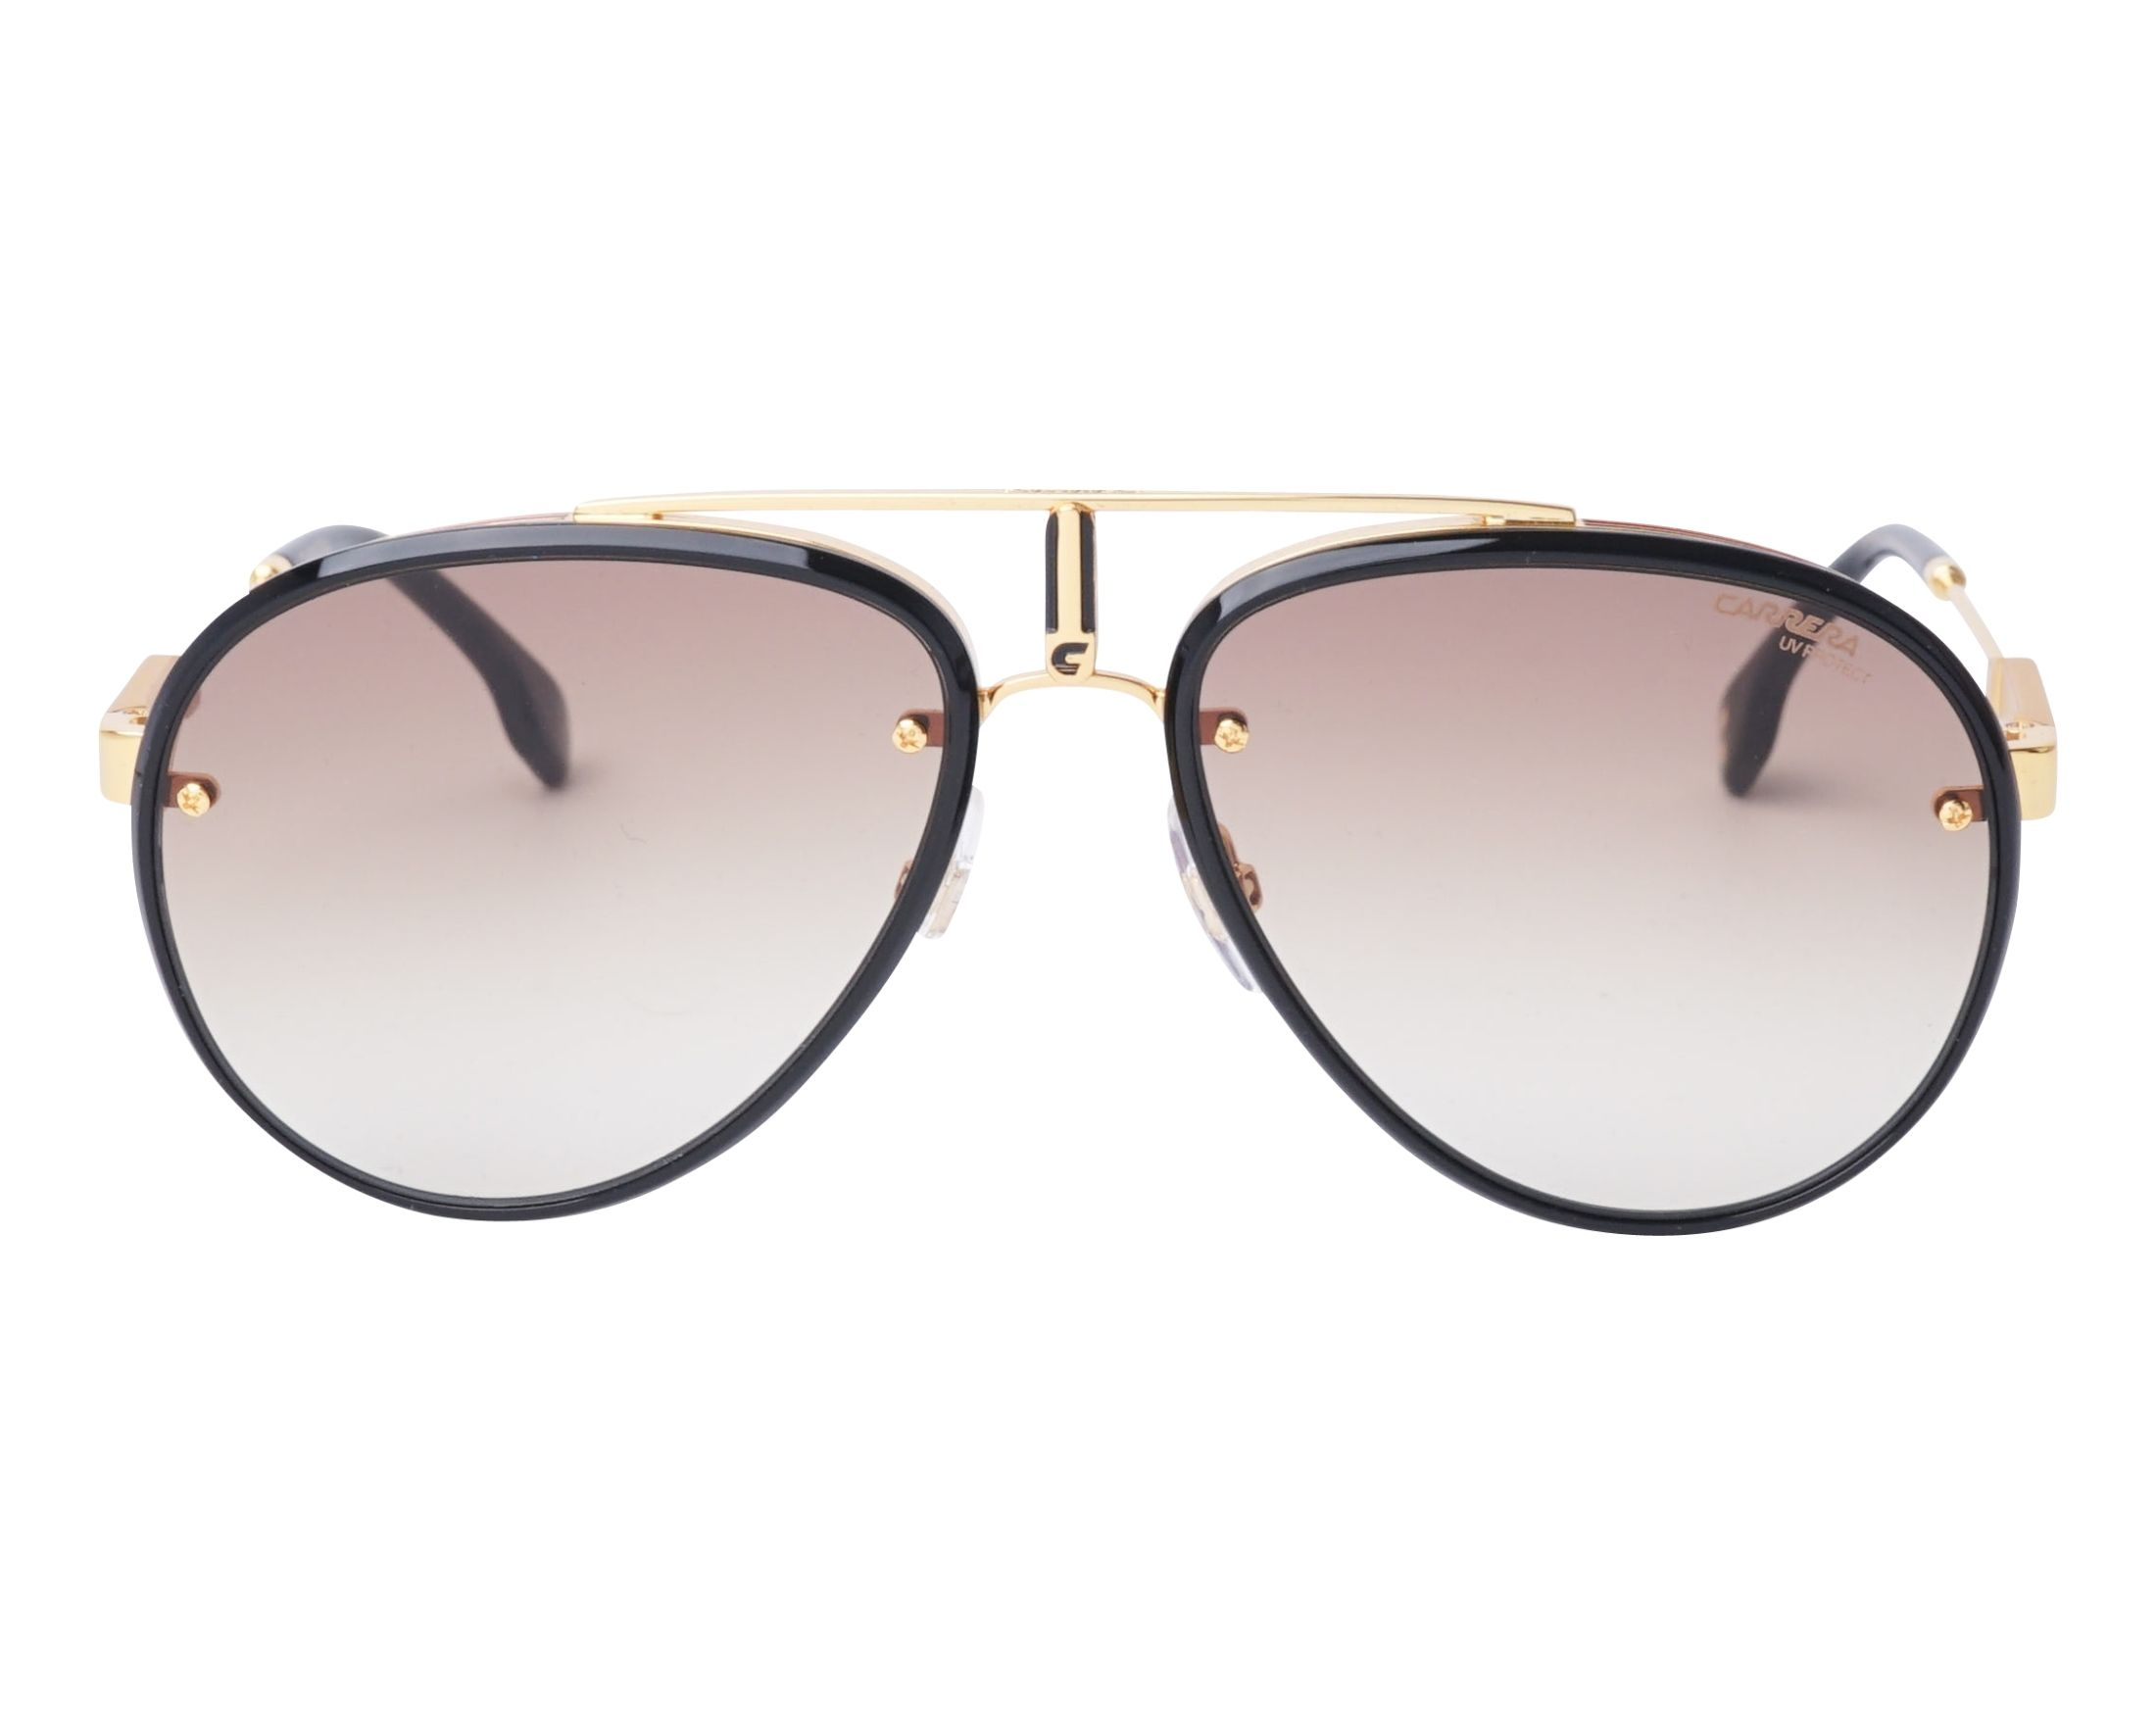 9b19e6586e5 Sunglasses Carrera GLORY 2M286 58-17 Gold Black front view